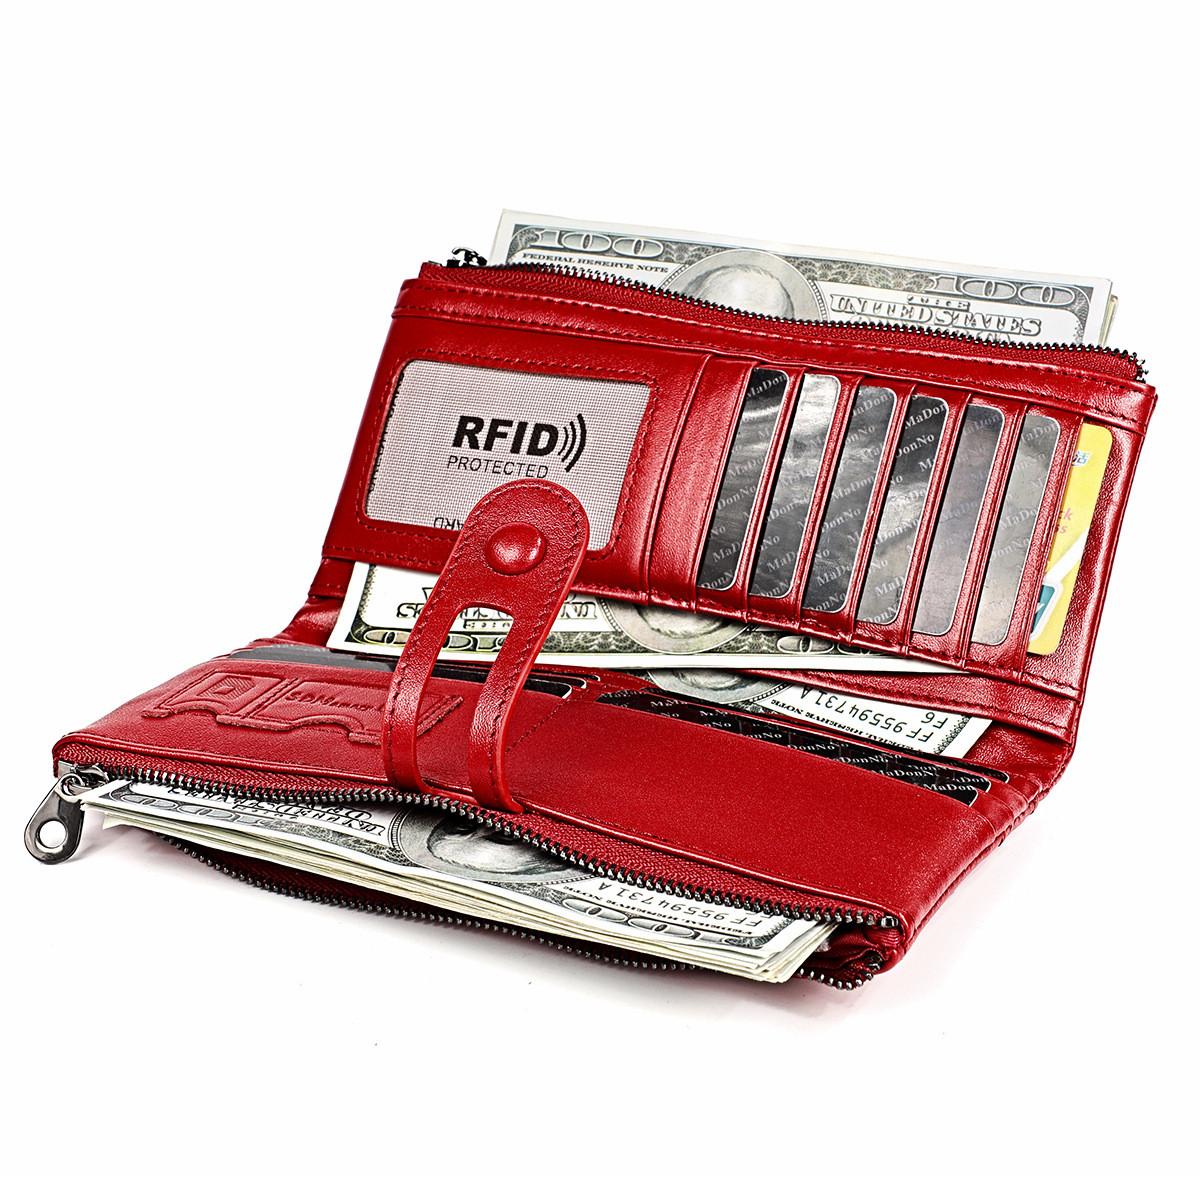 Длинное классическое портмоне из натуральной кожи RFID protected - ваша безопасность превыше всего!